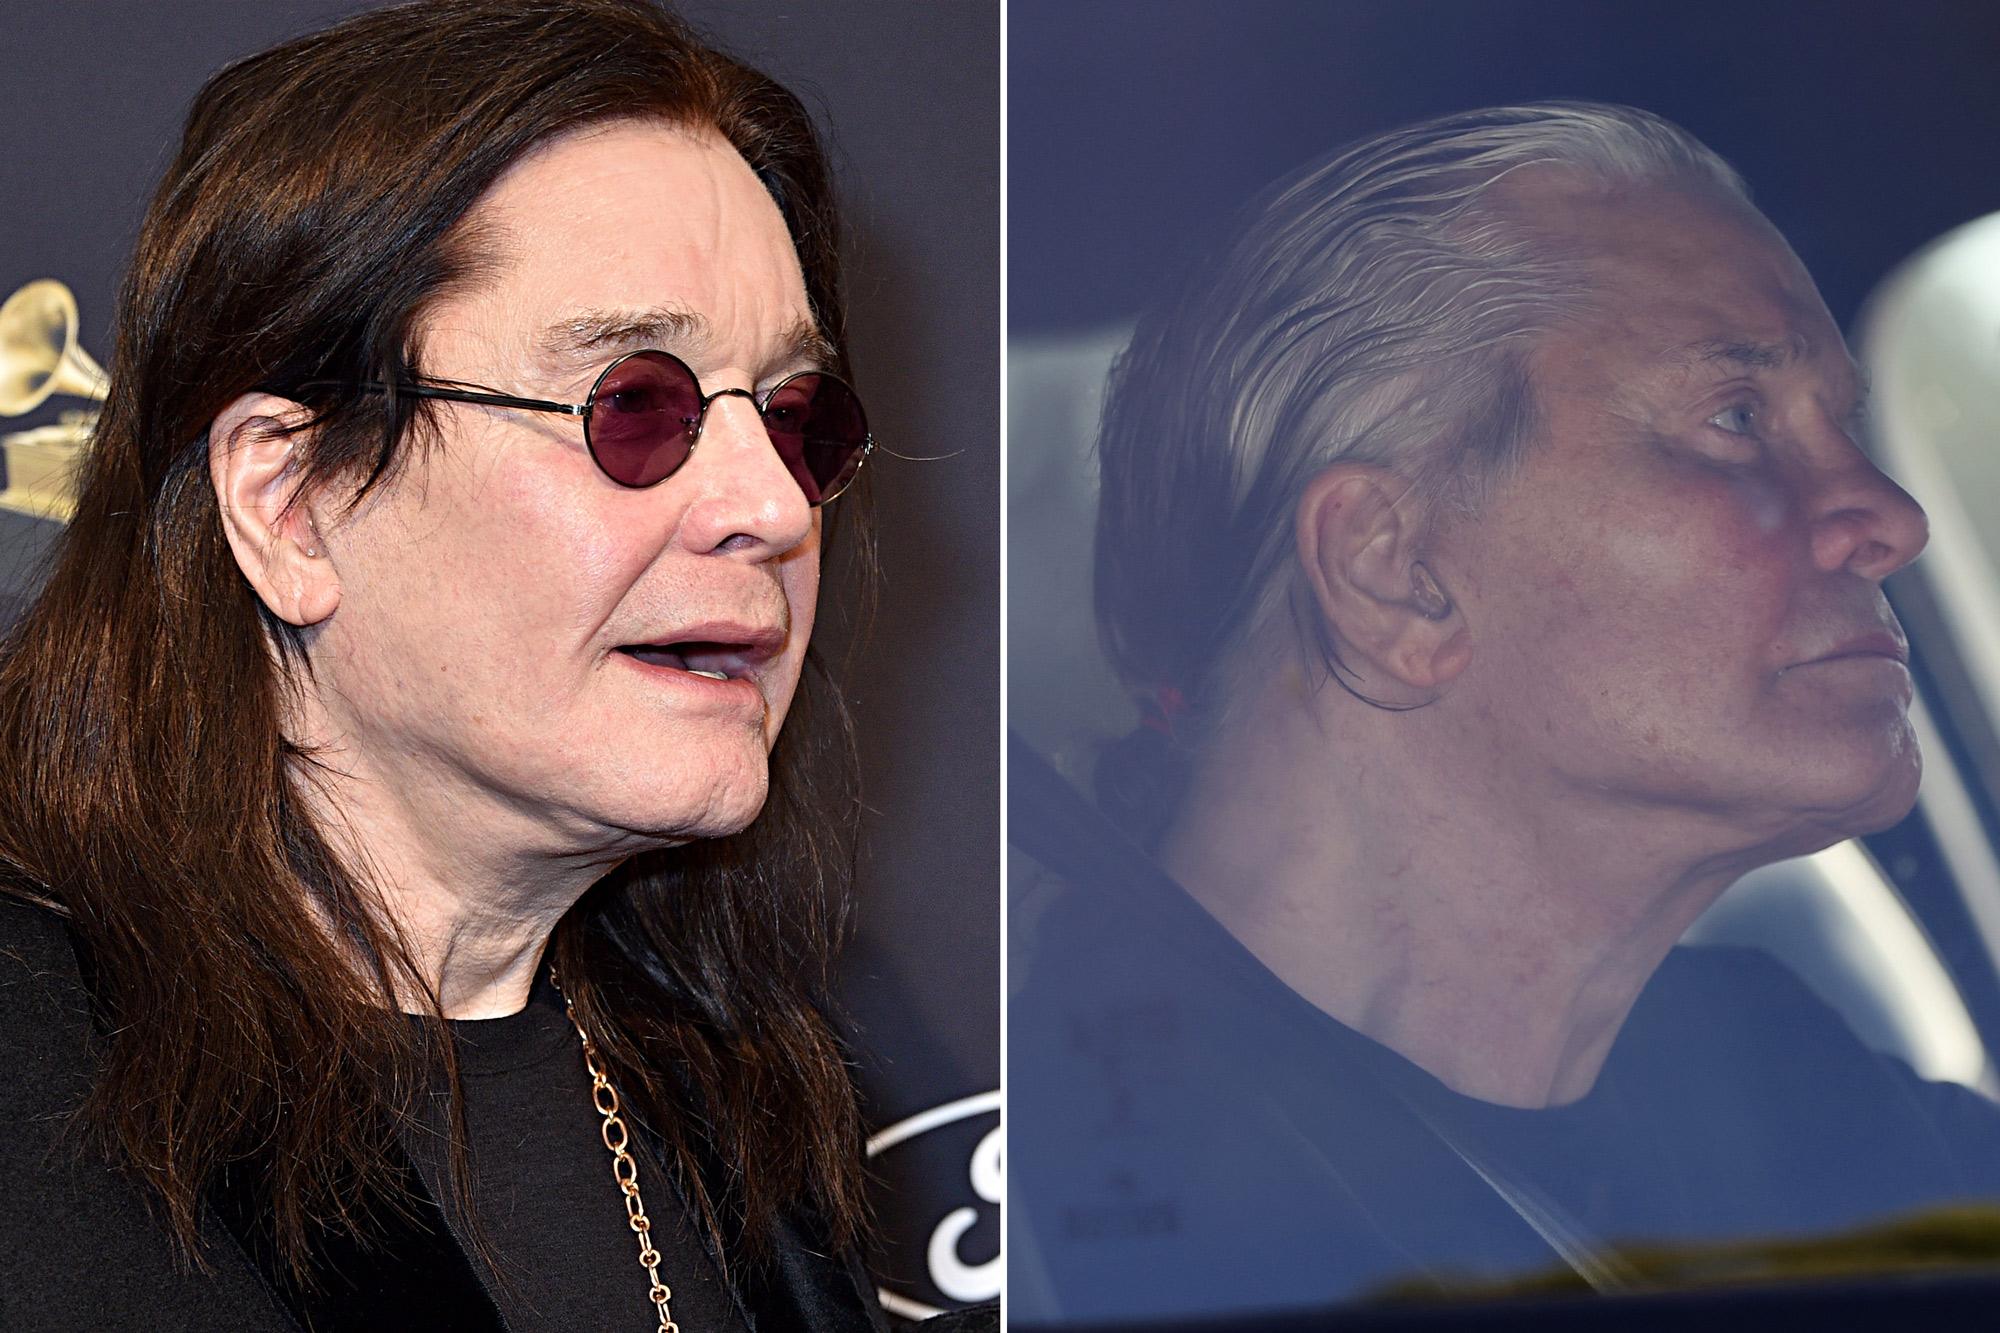 Ozzy Osbourne Lets Hair Go Gray